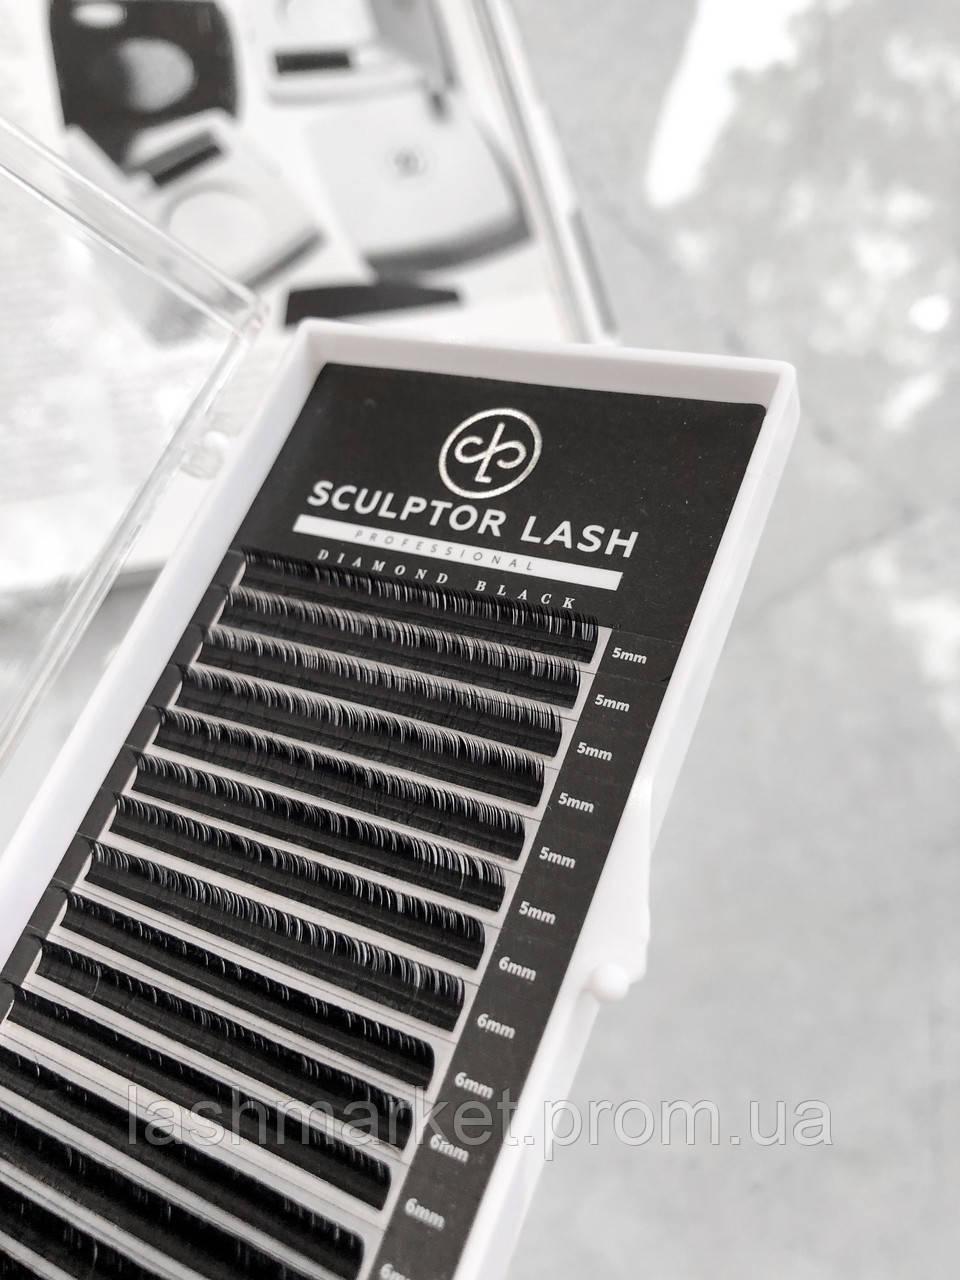 Ресницы ОТД ДЛИНА CC 0.10 -8 мм Sculptor Lash Diamond Black черные(для наращивания ресниц)